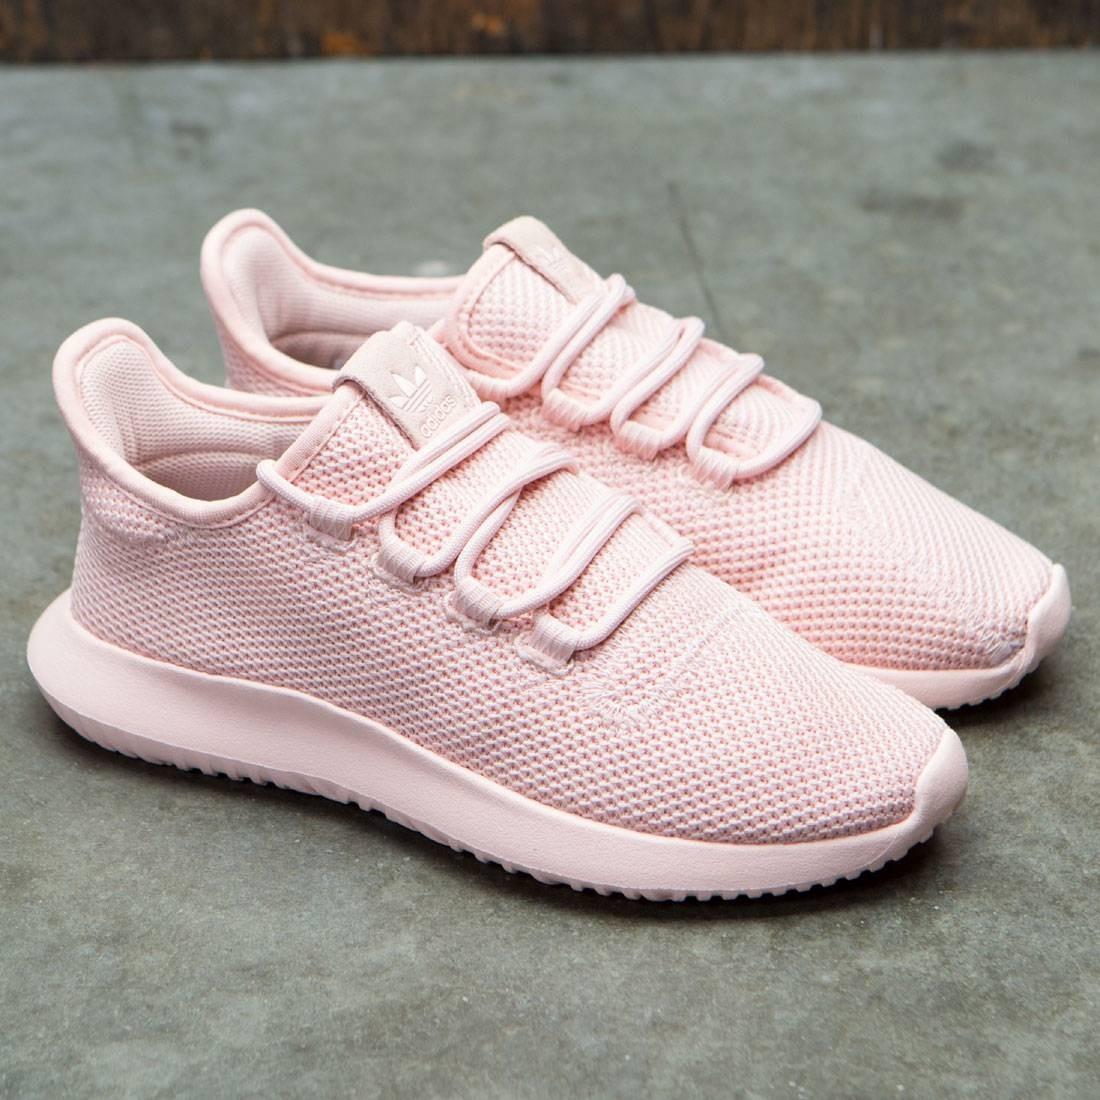 tubular shadow adidas pink